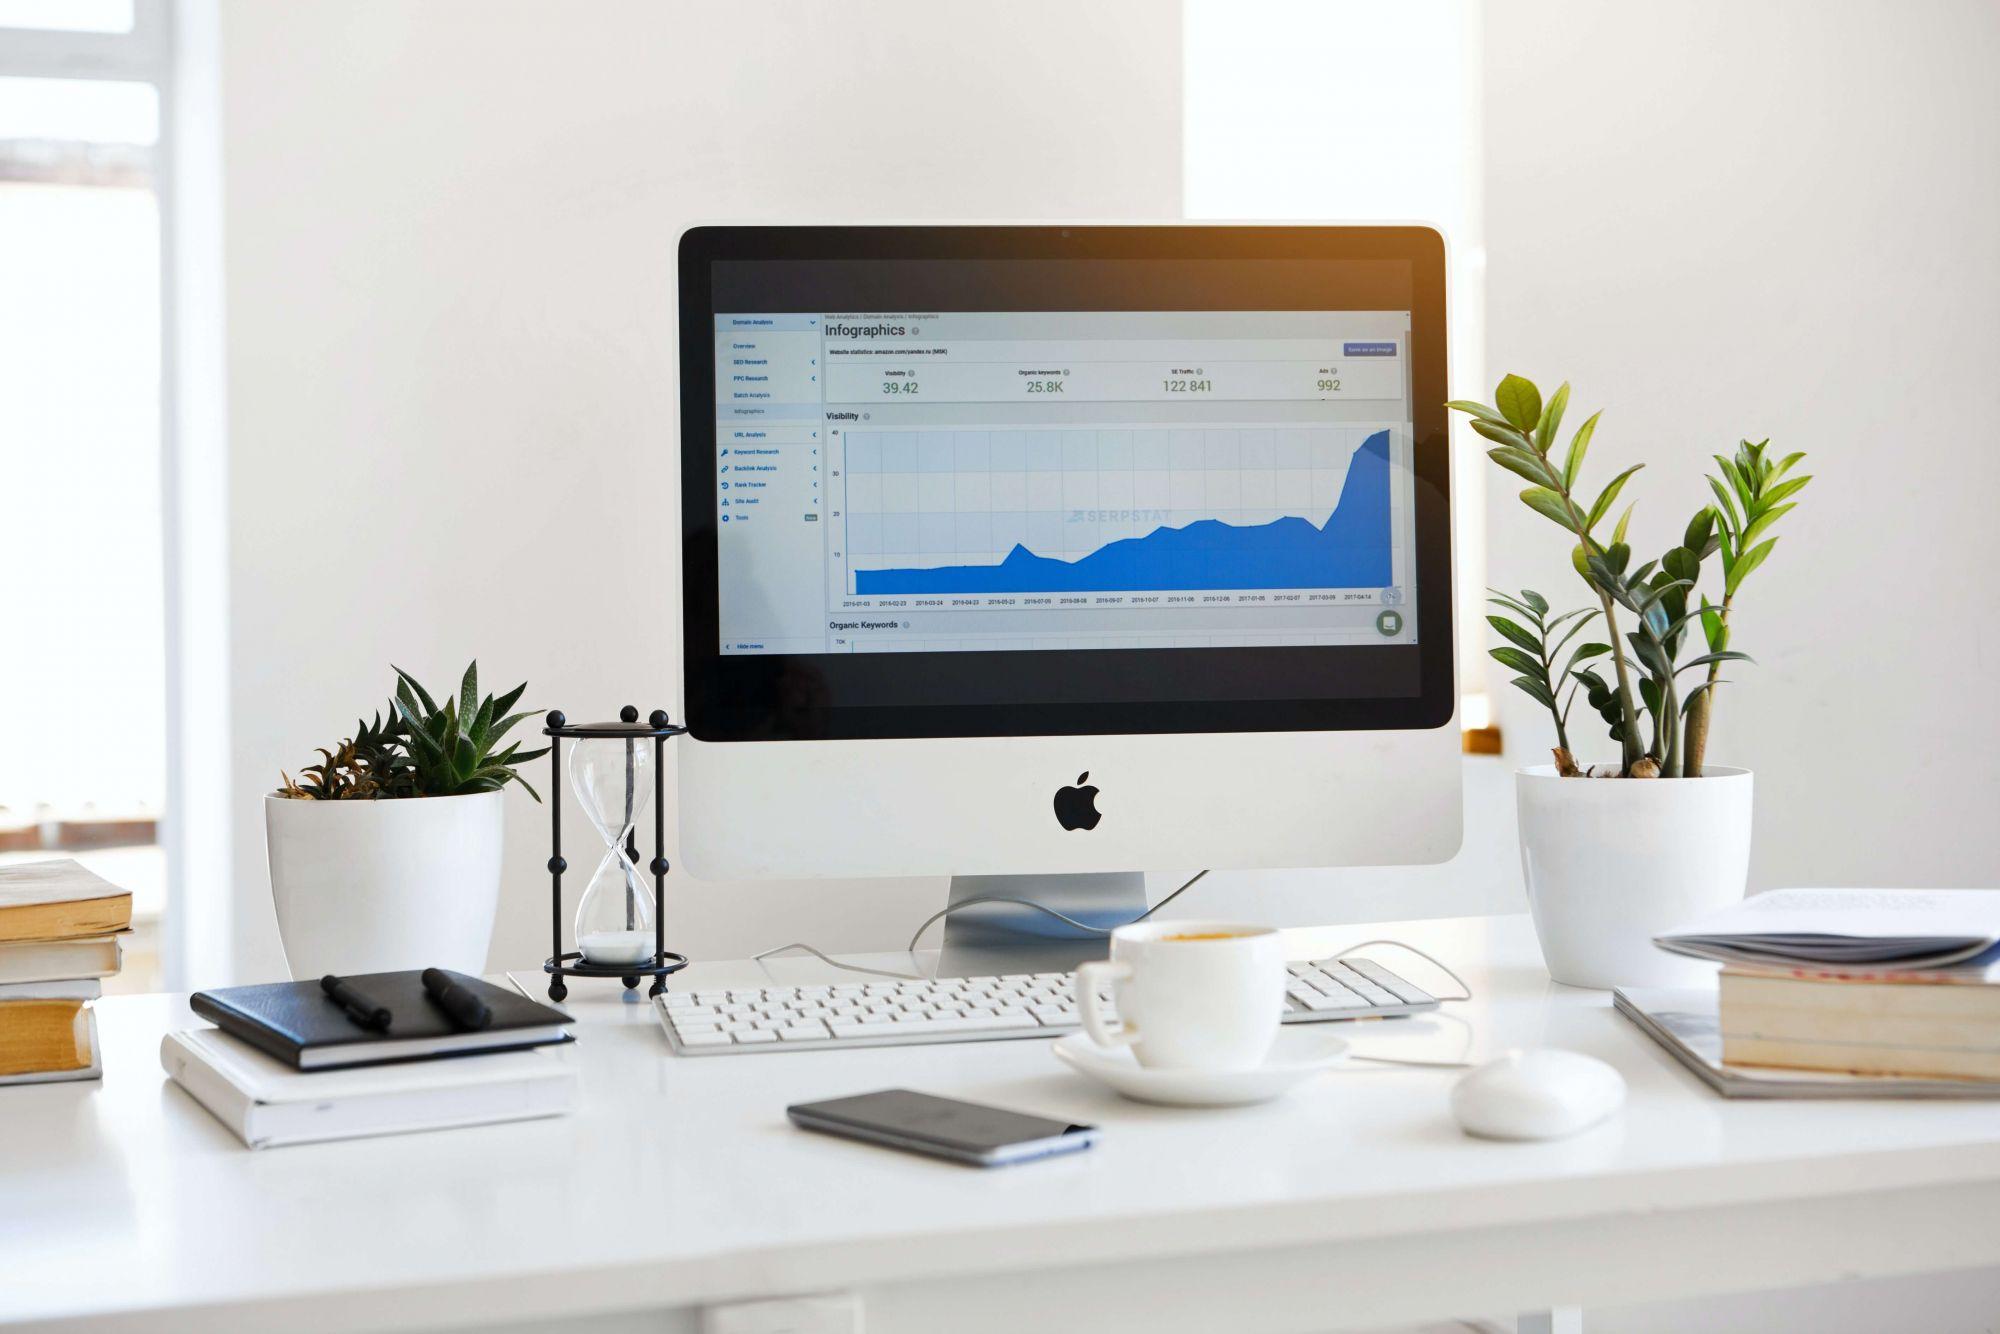 איך אפשר לשווק מוצר דיגיטלי? באמצעות קידום ממומן